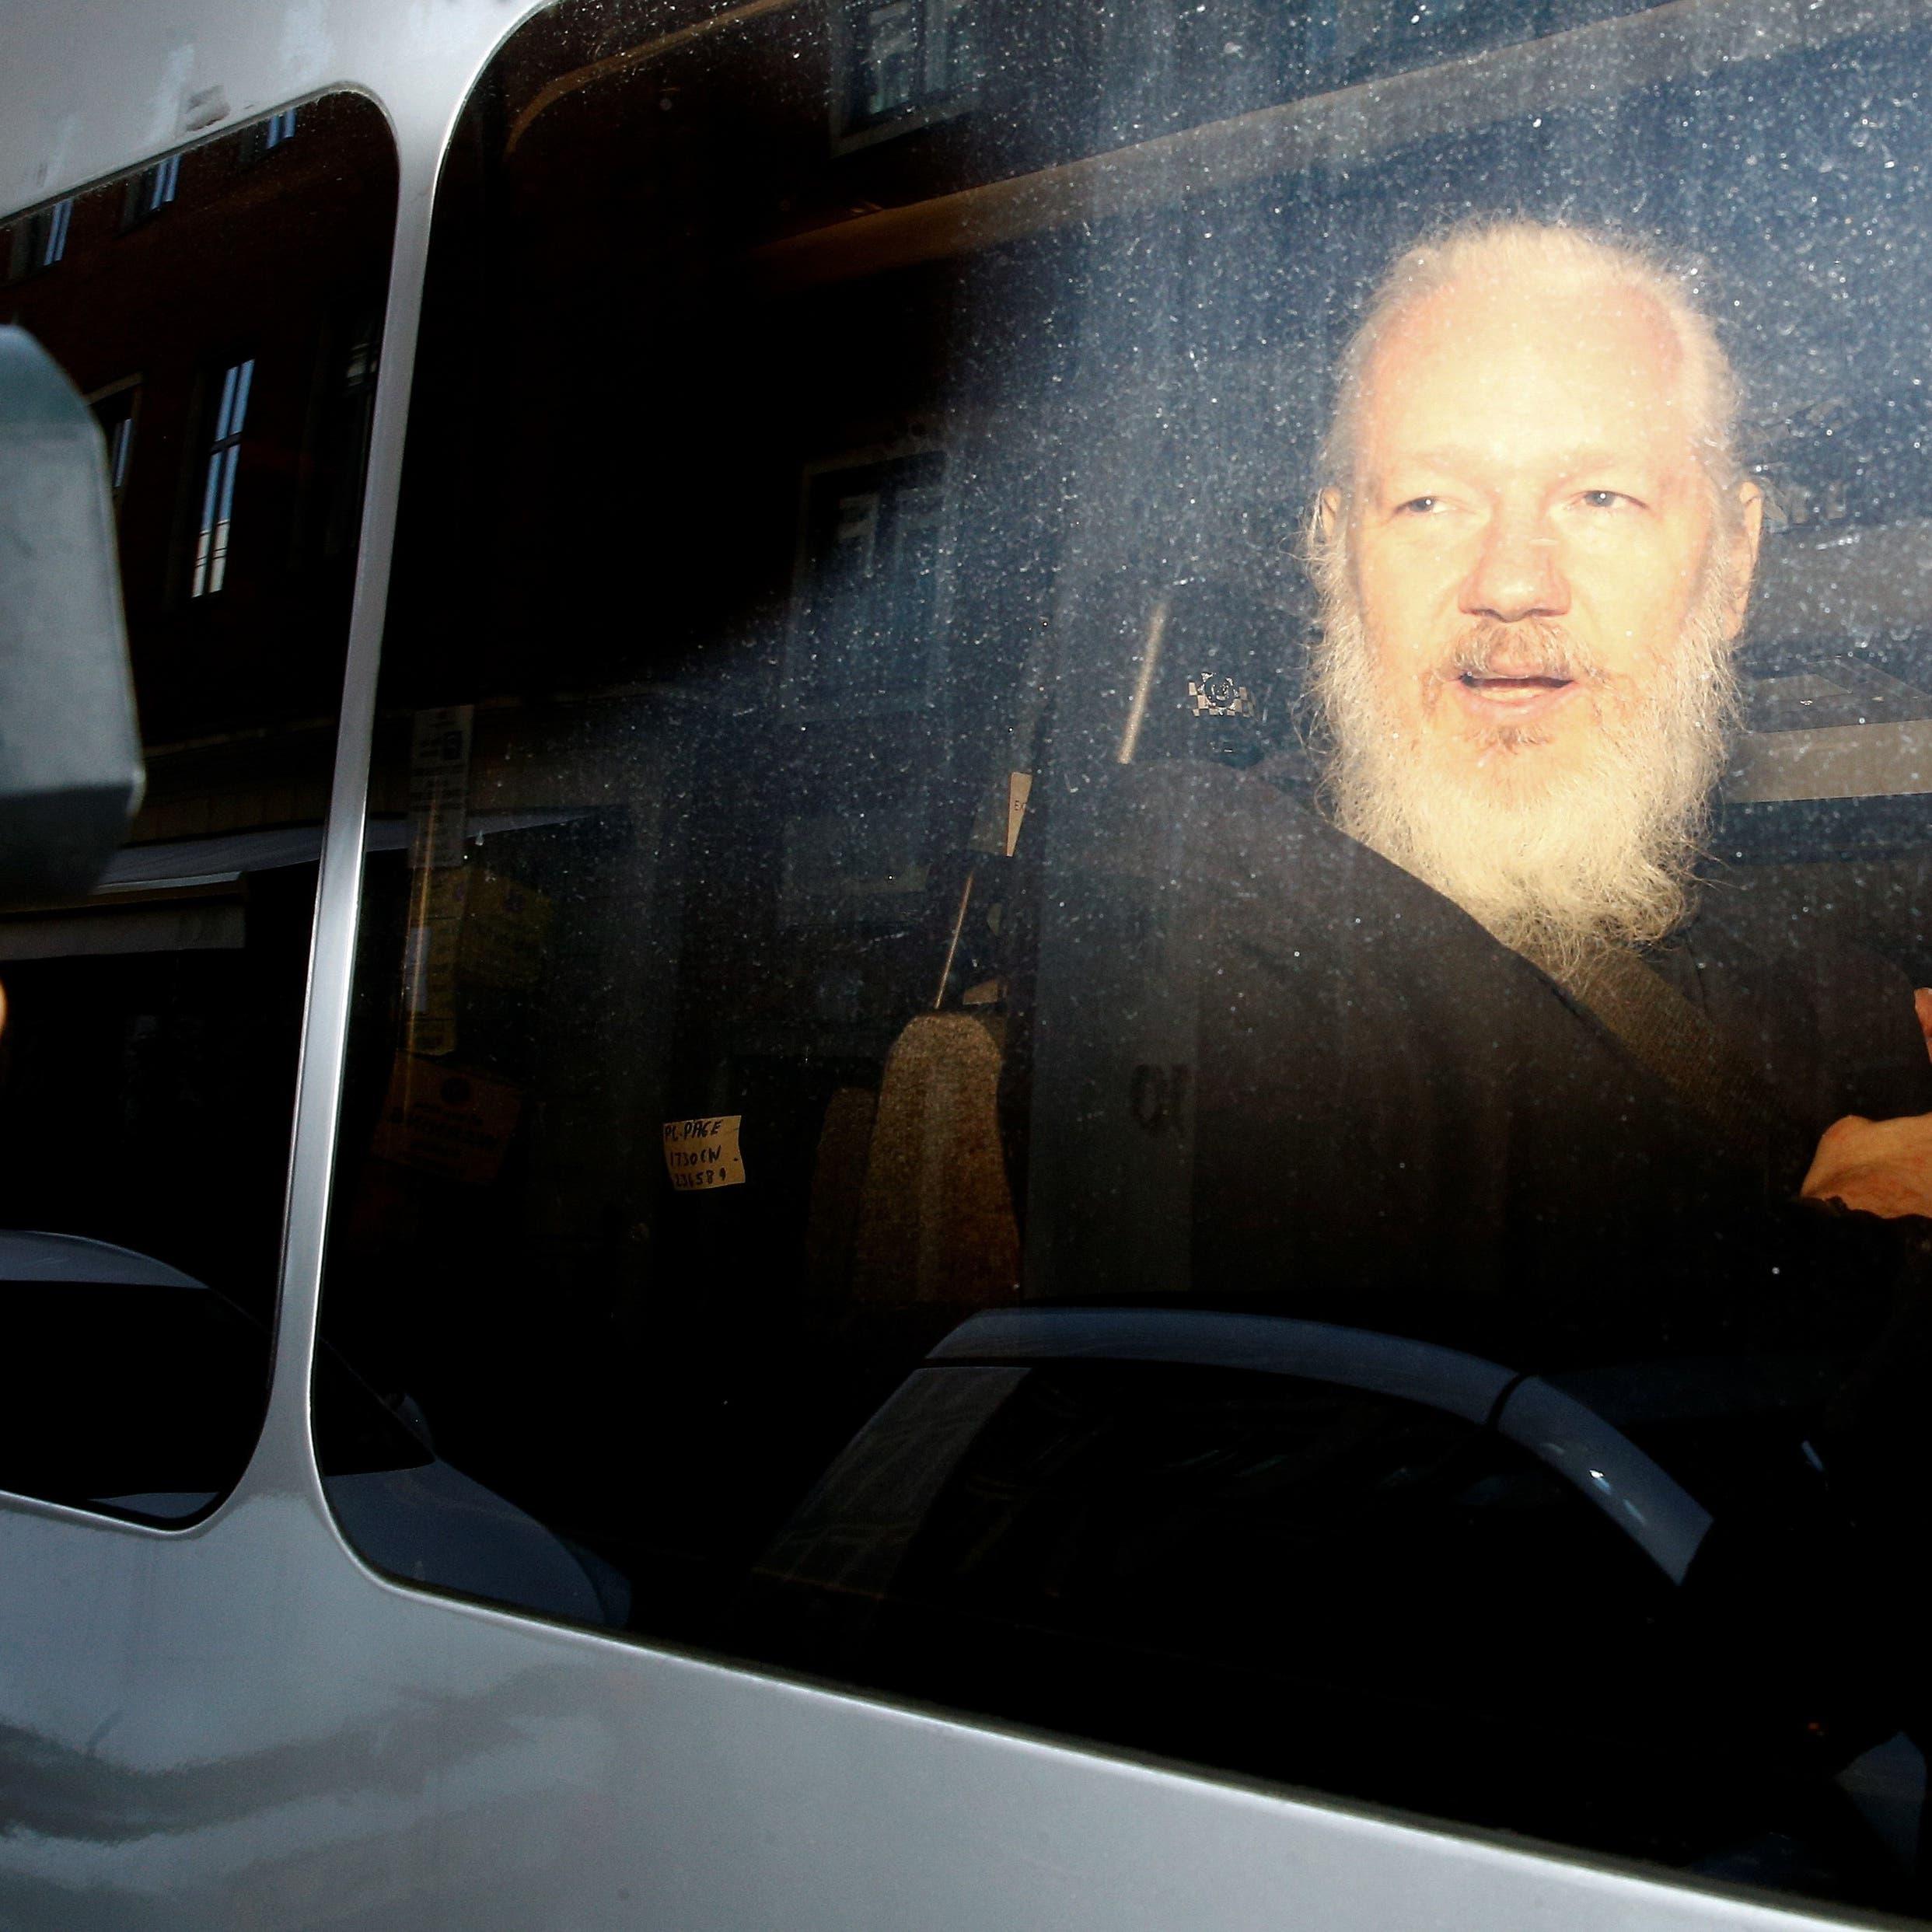 تقرير: المخابرات الأميركية خططت لاختطاف أو اغتيال أسانج